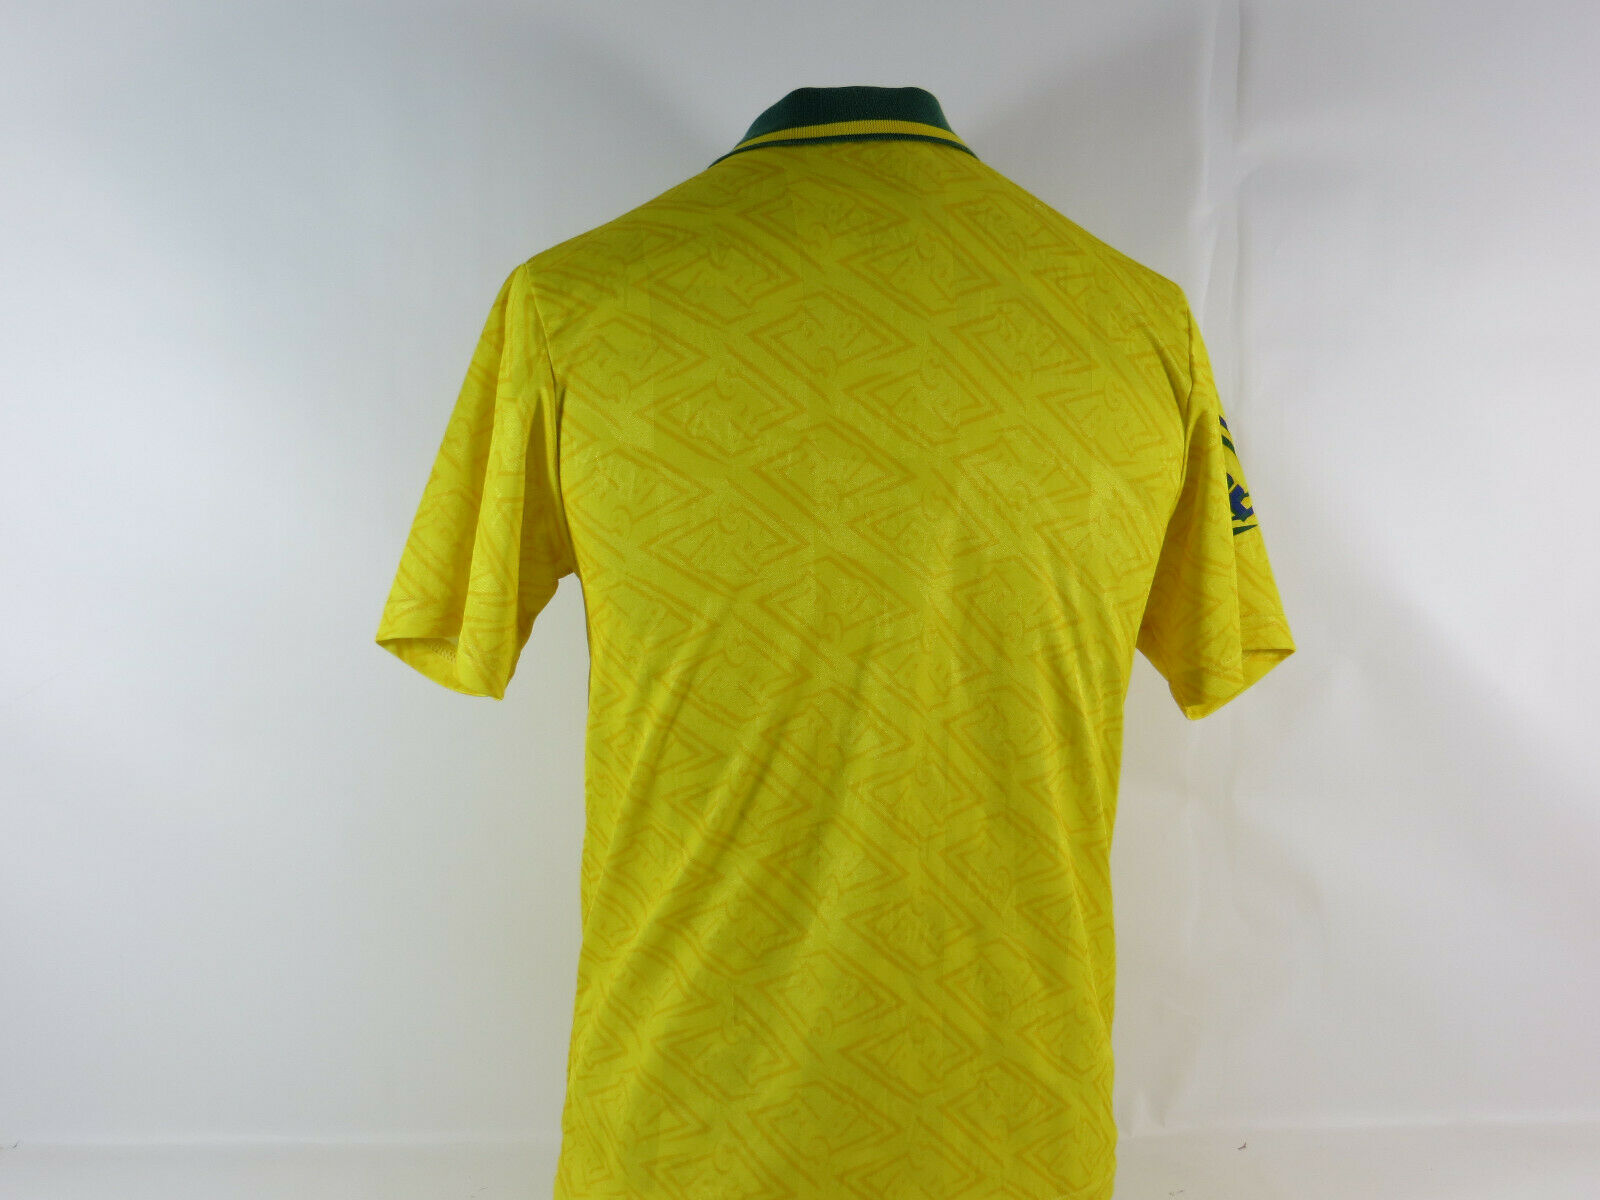 Vintage Brasilien Brasilien Brasilien Trikot Größe S Umbro Jersey Maillot Seleca Wordcup 1994  | Online Outlet Store  3c8bca